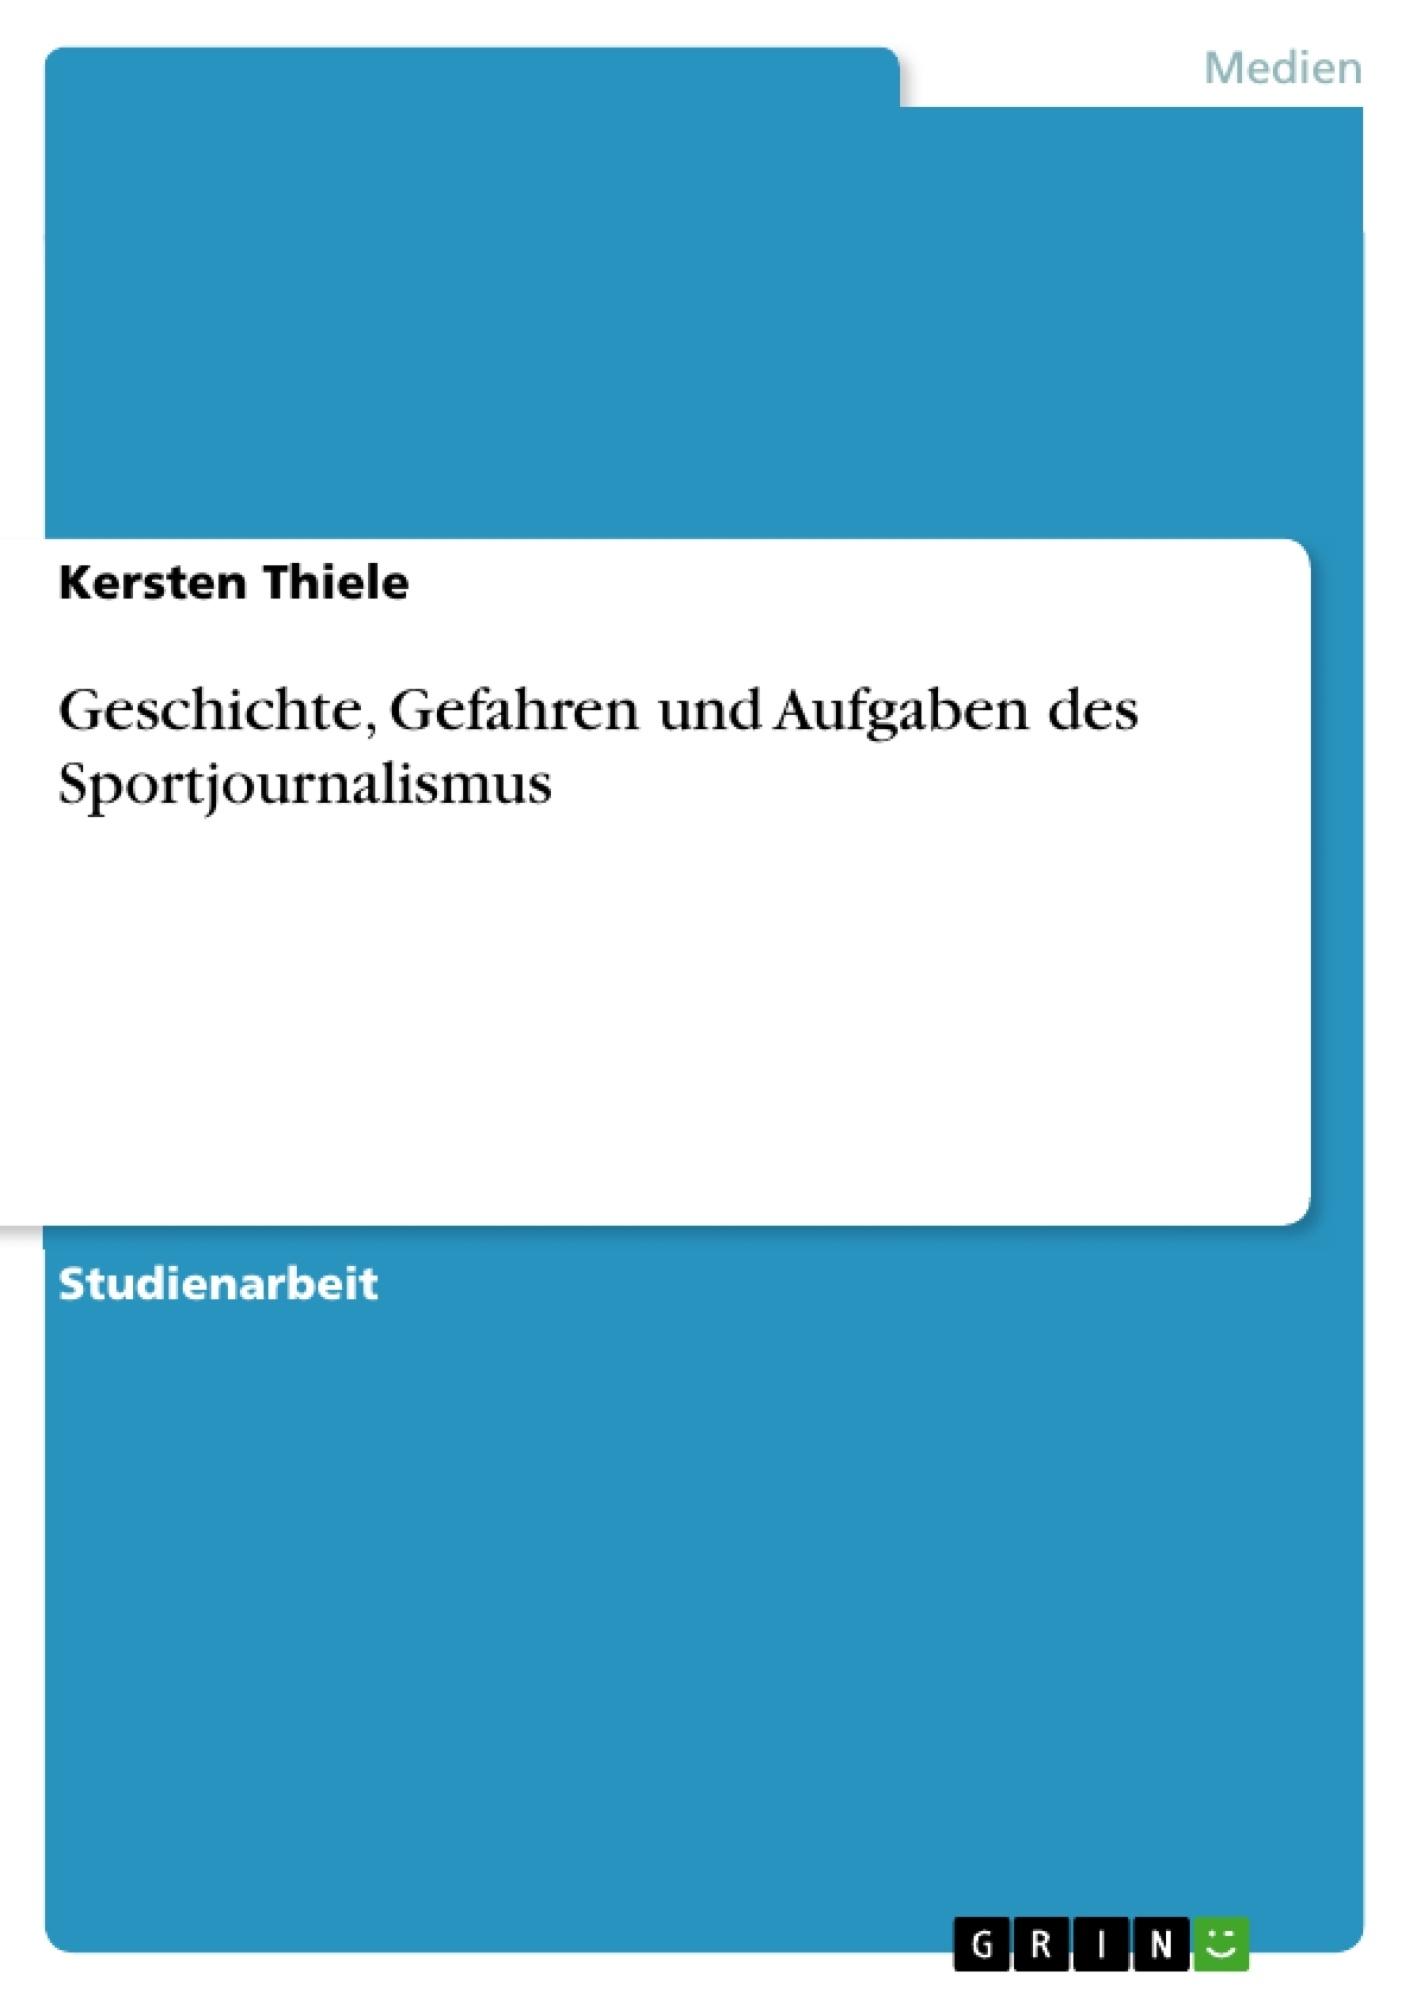 Titel: Geschichte, Gefahren und Aufgaben des Sportjournalismus